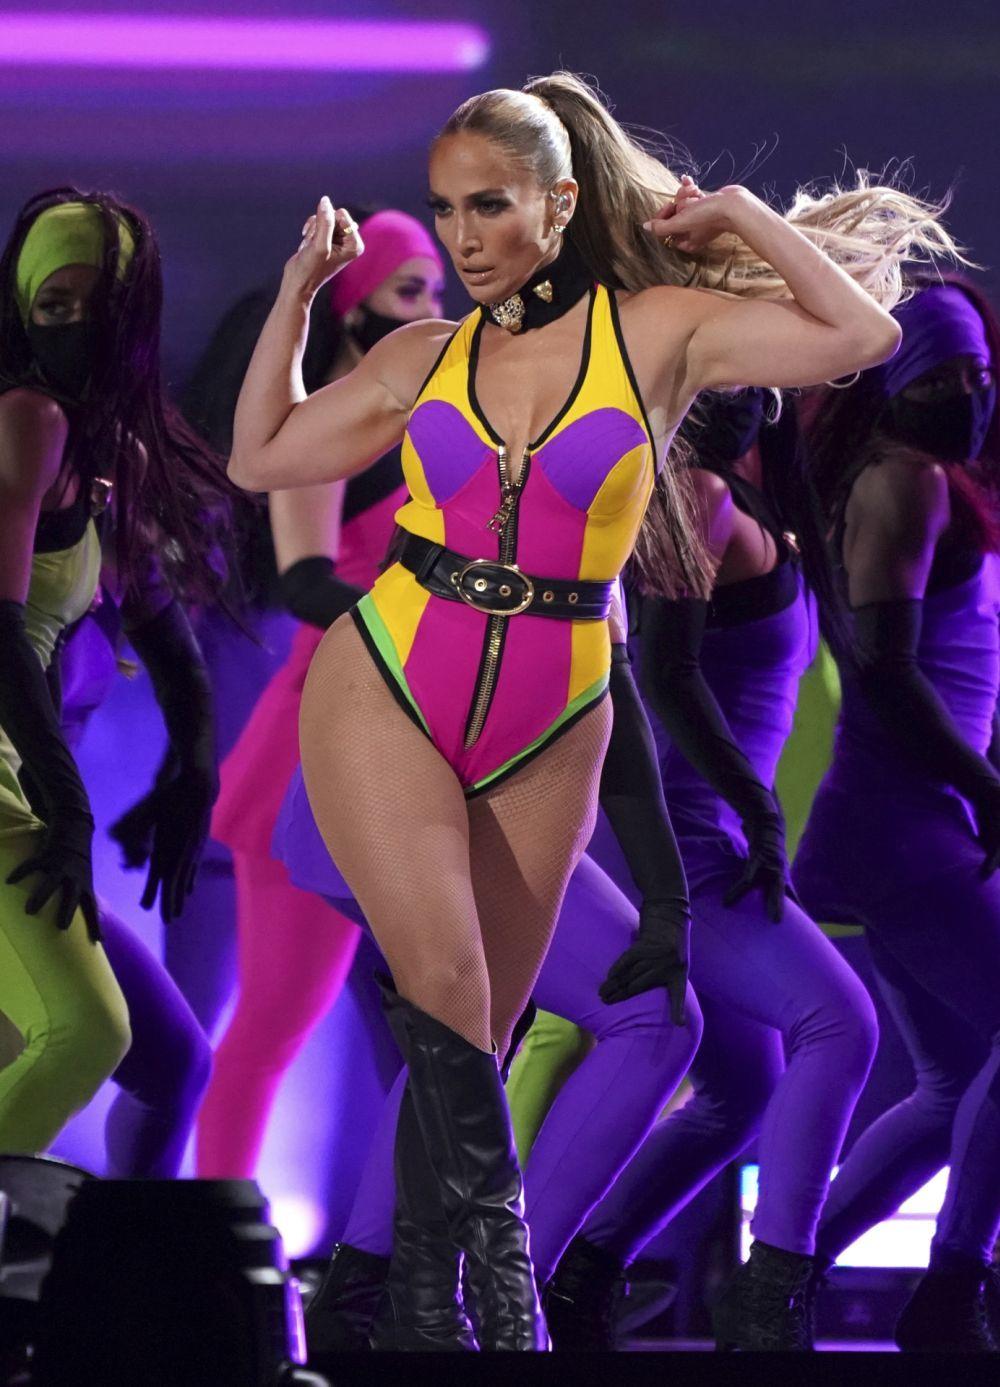 La cantante Jennifer Lopez luce siempre extensiones a la hora de mostrar su espectacular melena durante sus actuaciones.